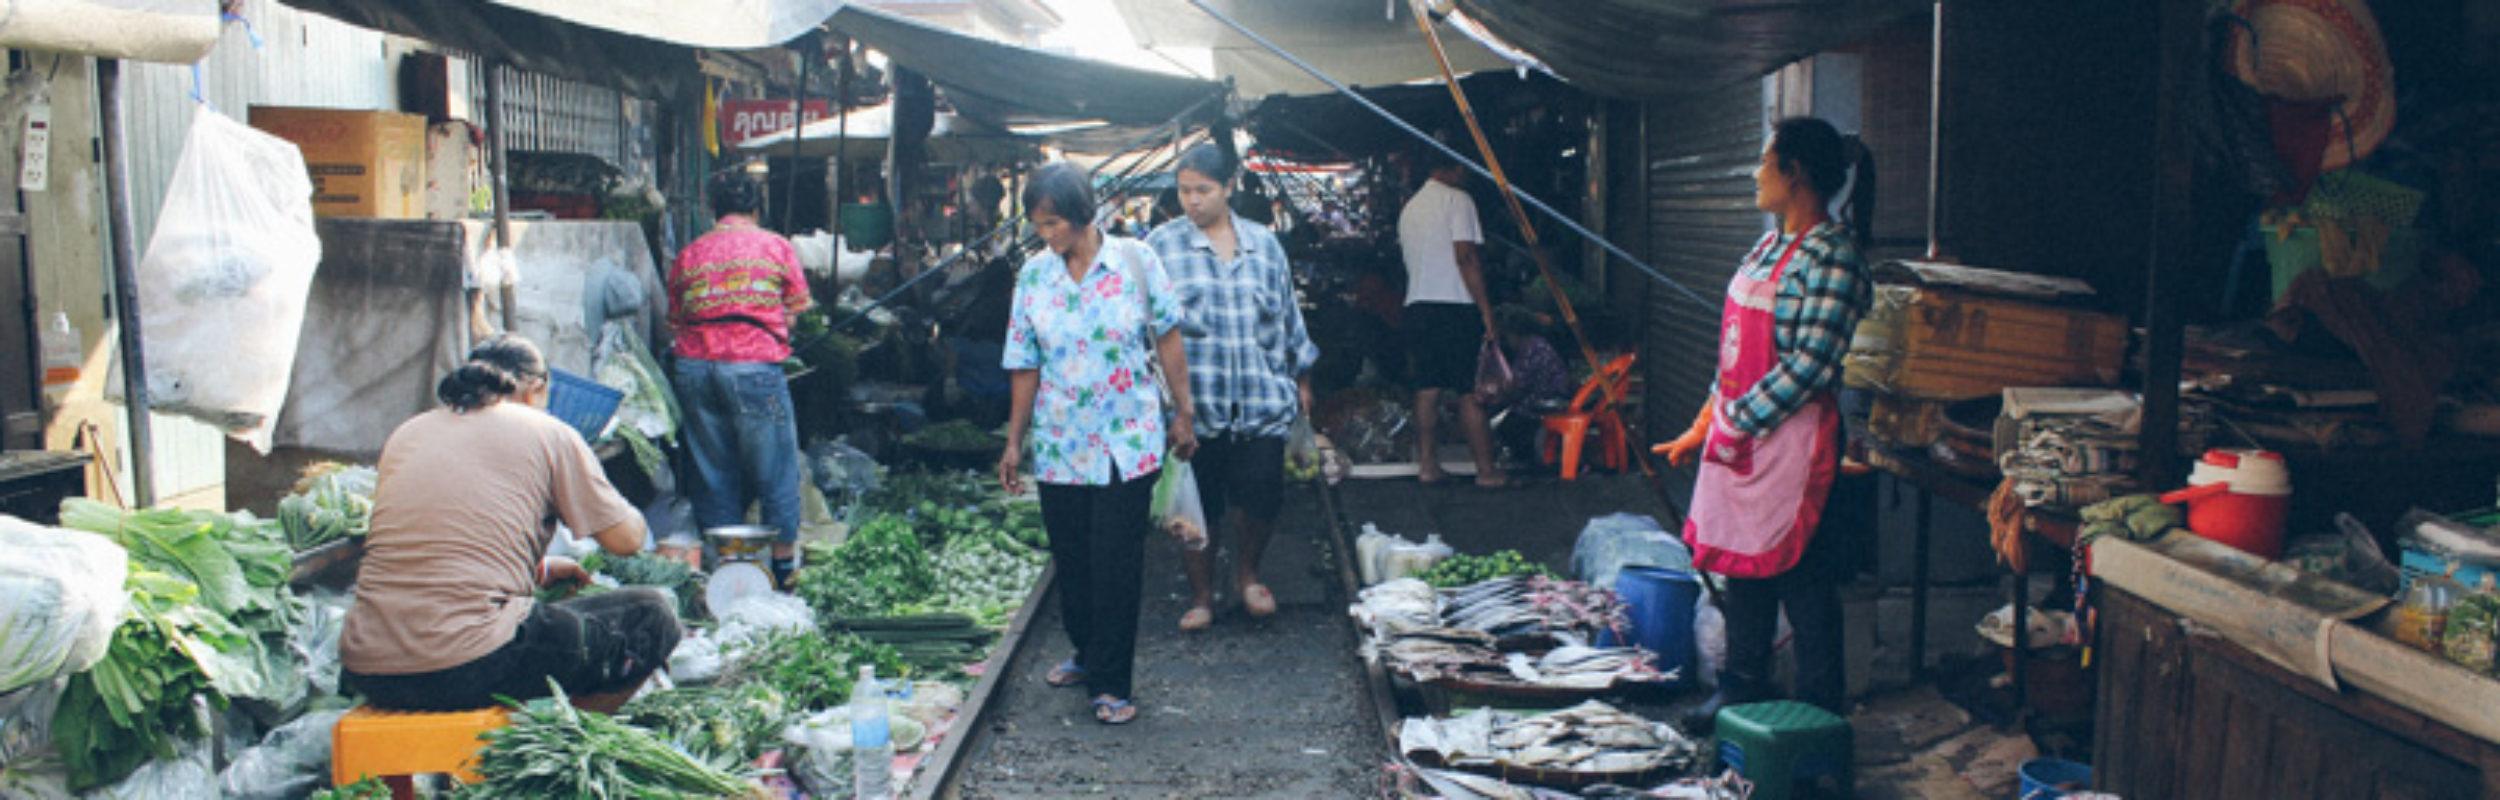 Thaïlande : l'incroyable marché au train de Maeklong